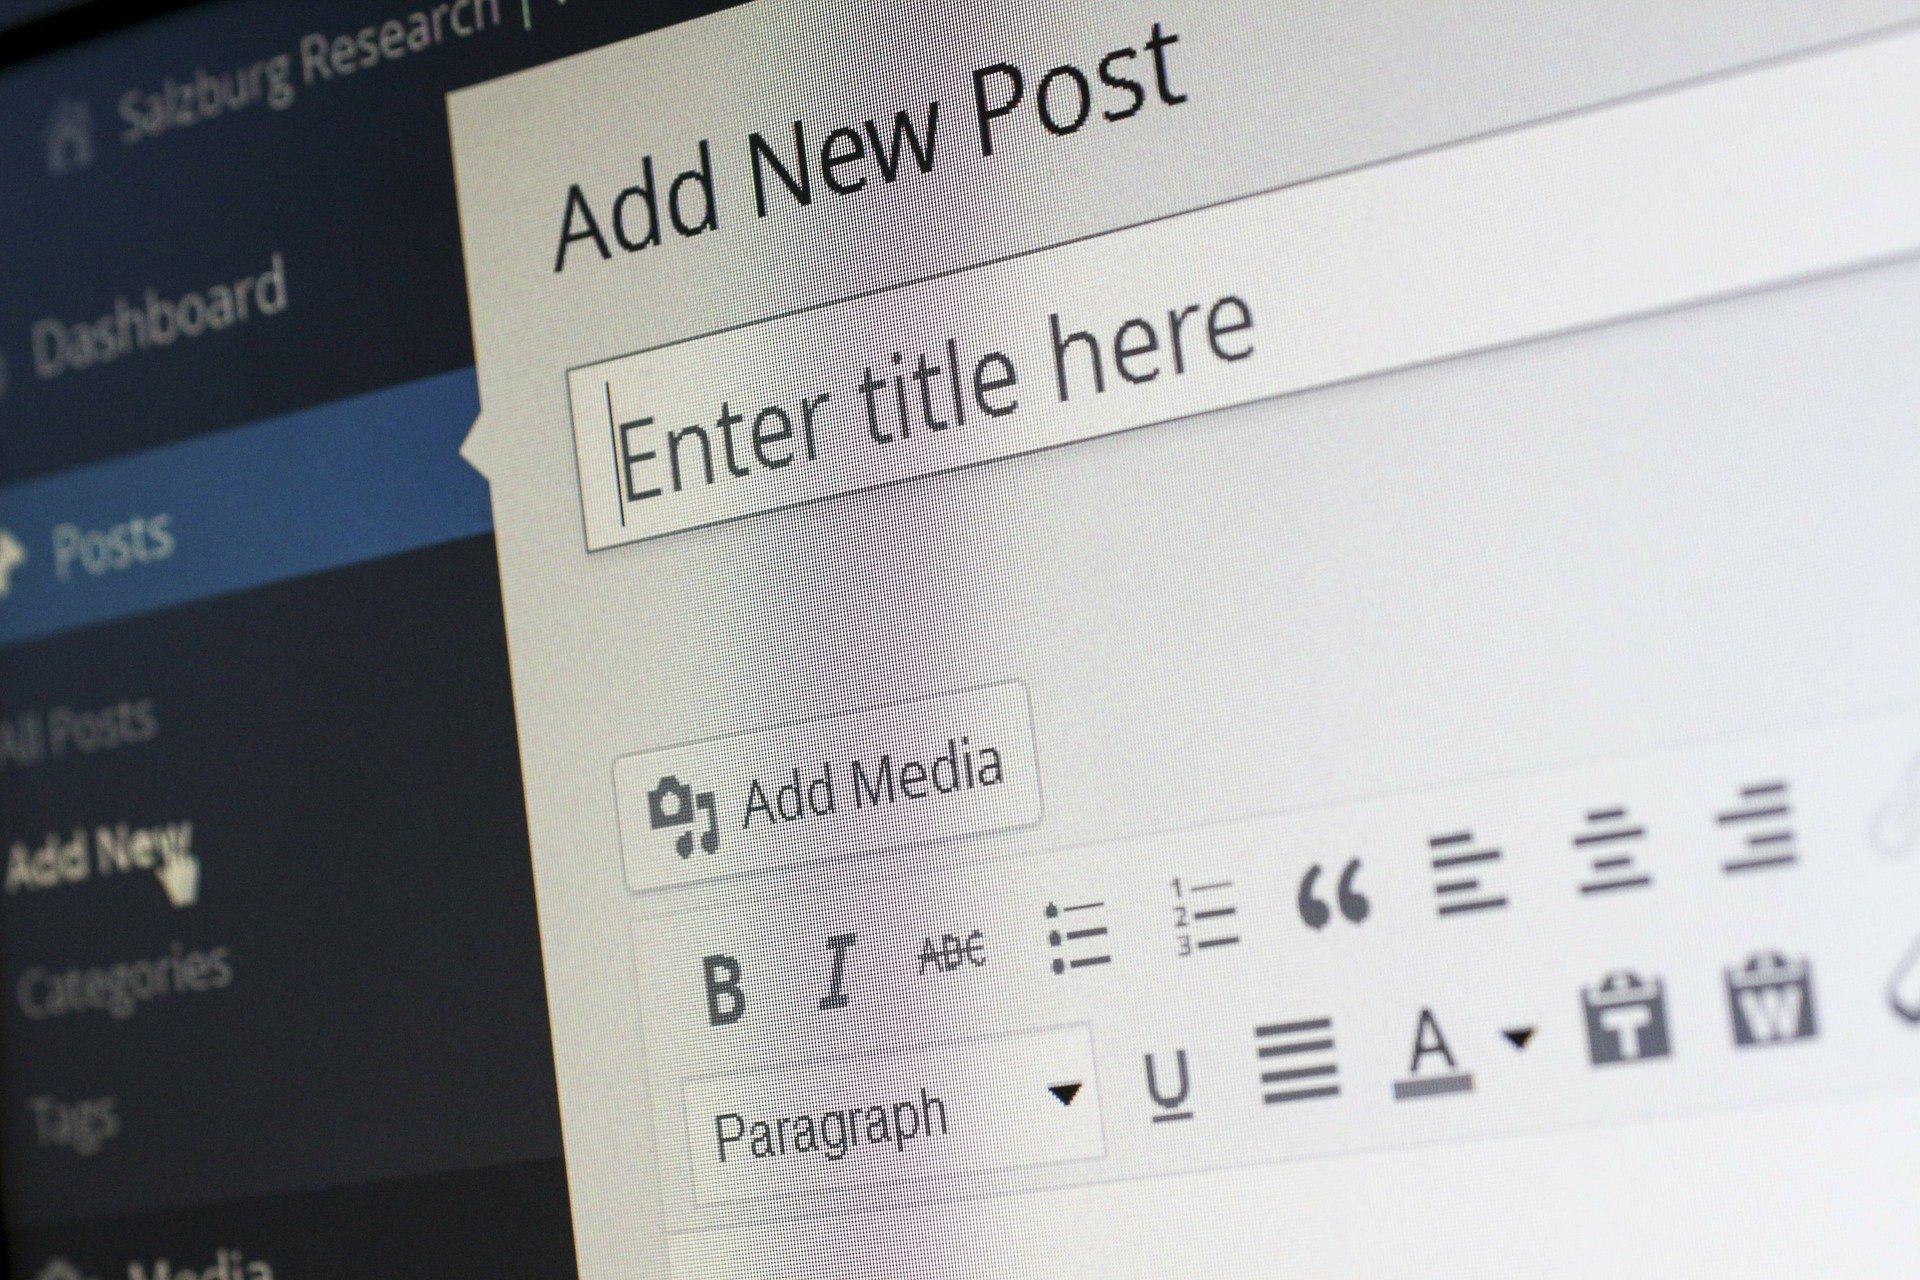 Qué plugins y recursos necesitas para mejorar tu WordPress